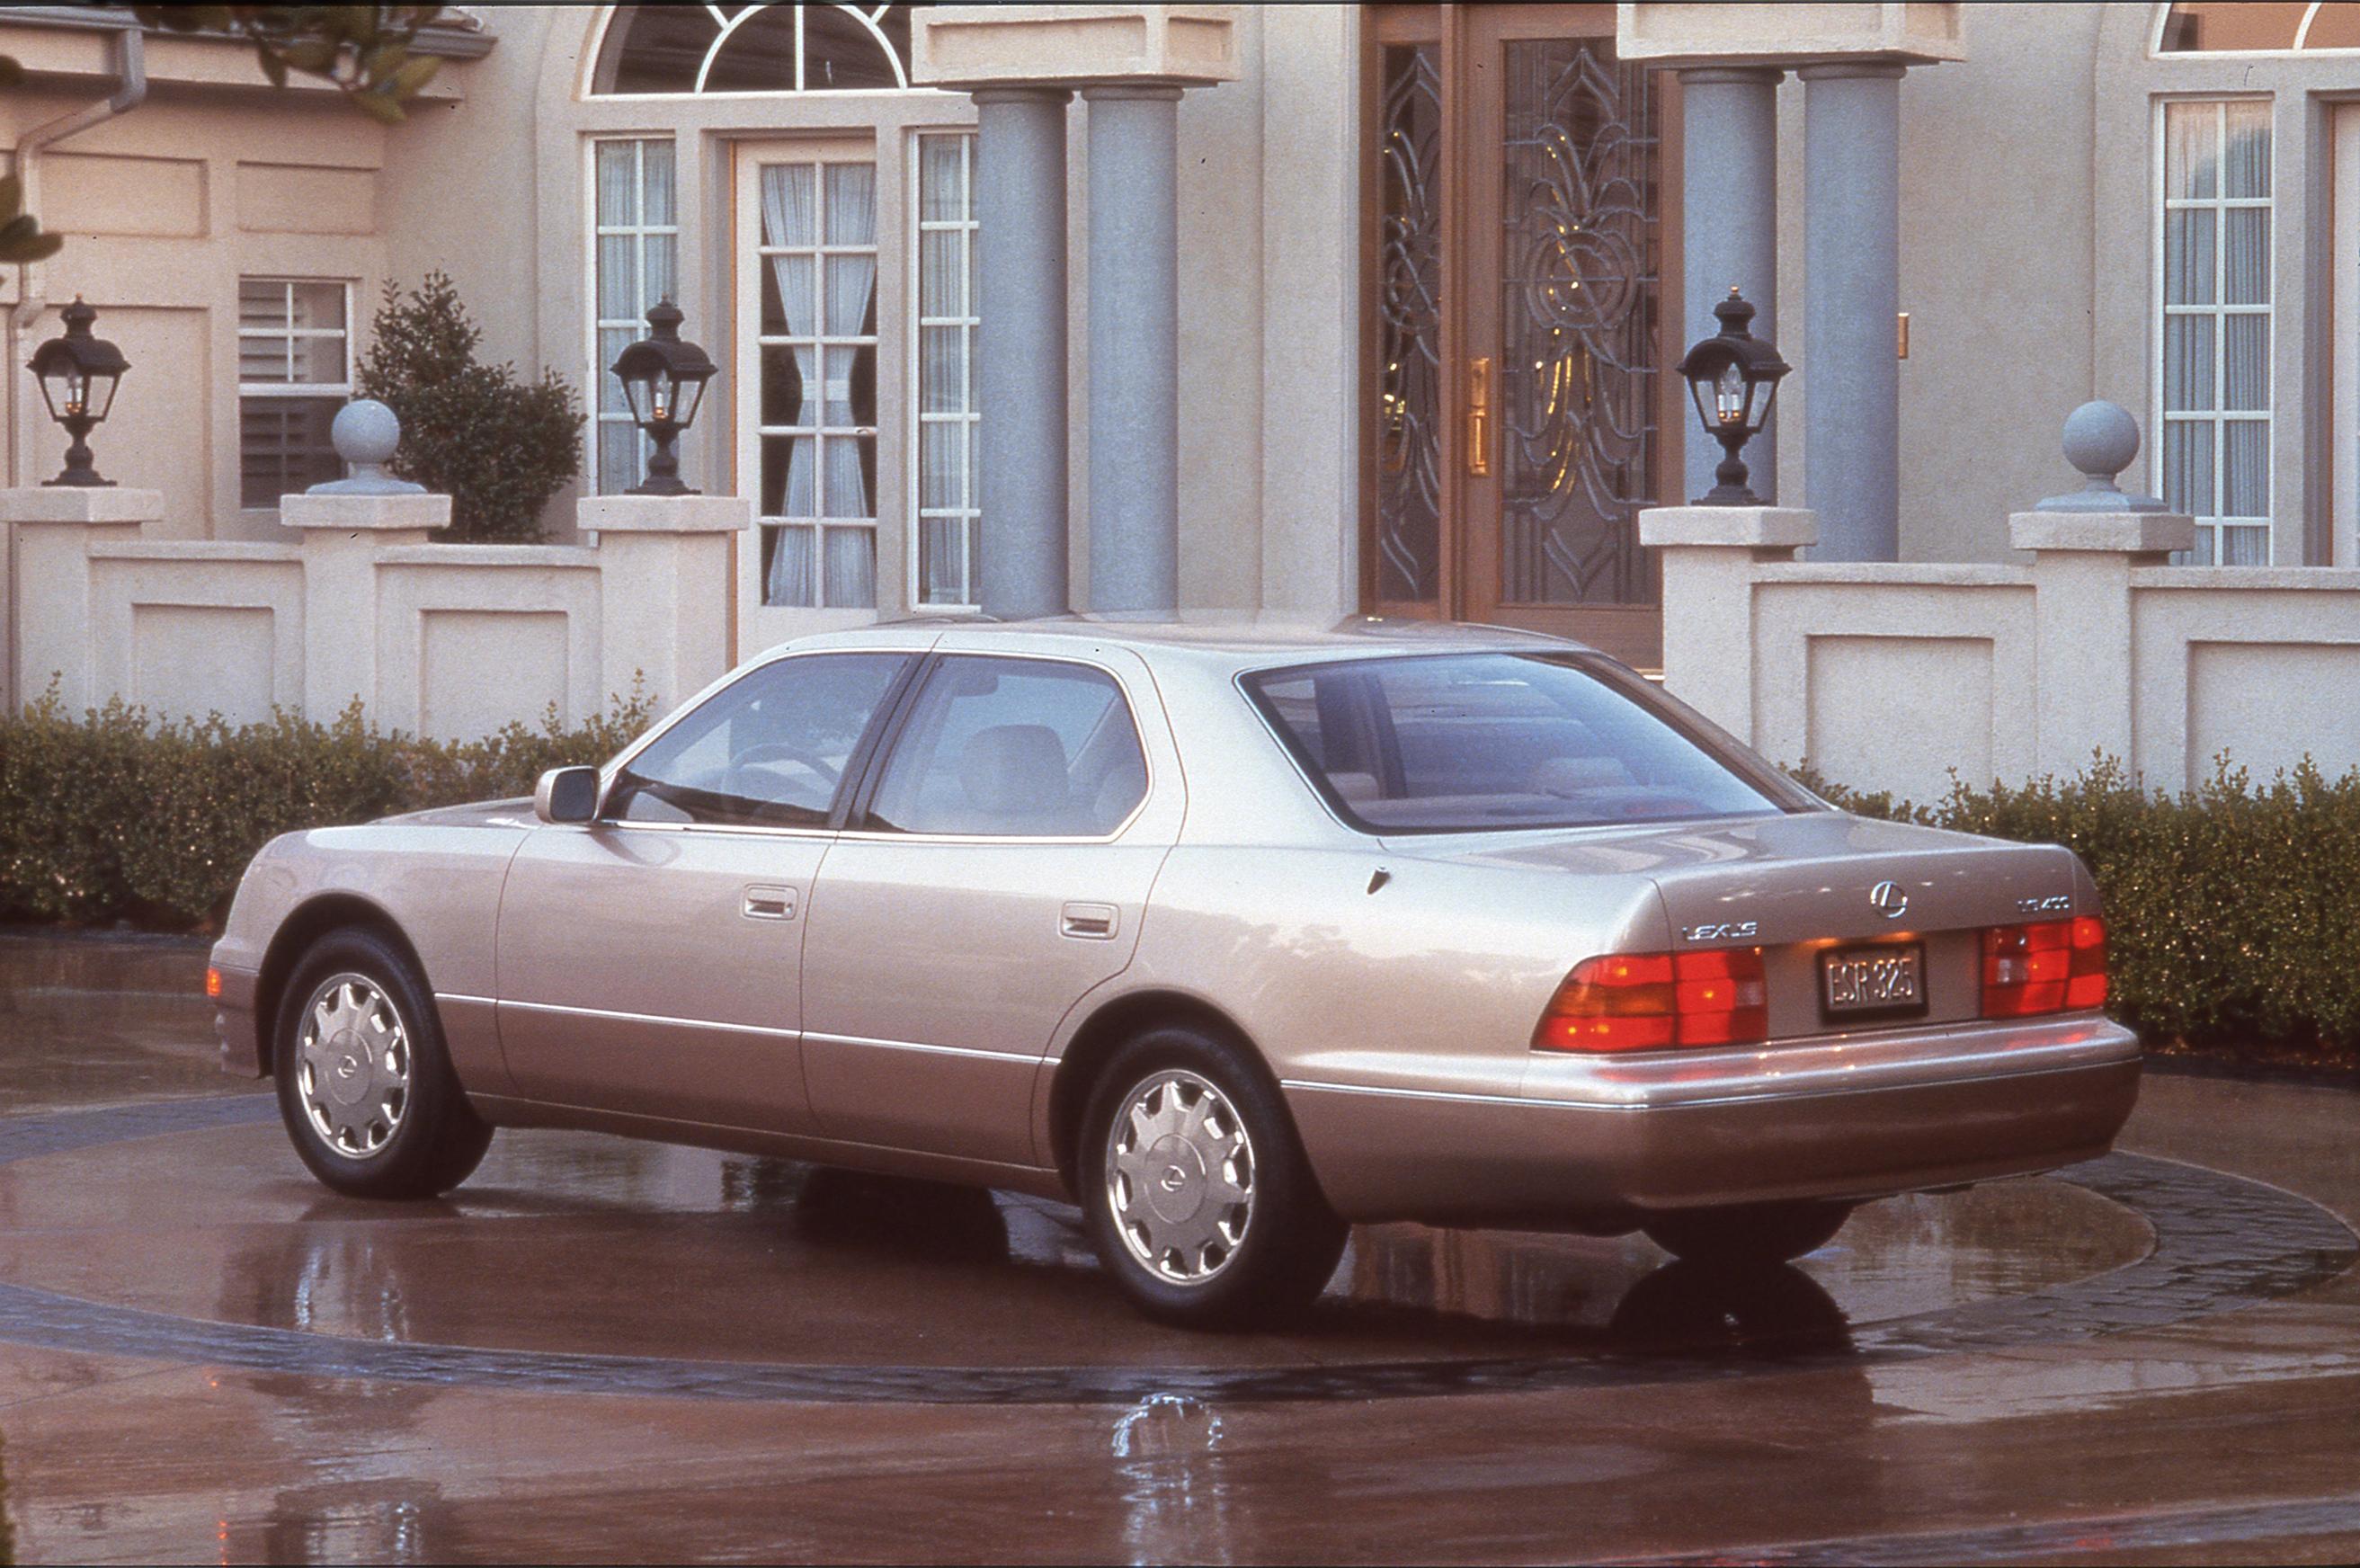 Nissan Altima Wiki >> Lexus LS 400 | Cars of the '90s Wiki | FANDOM powered by Wikia